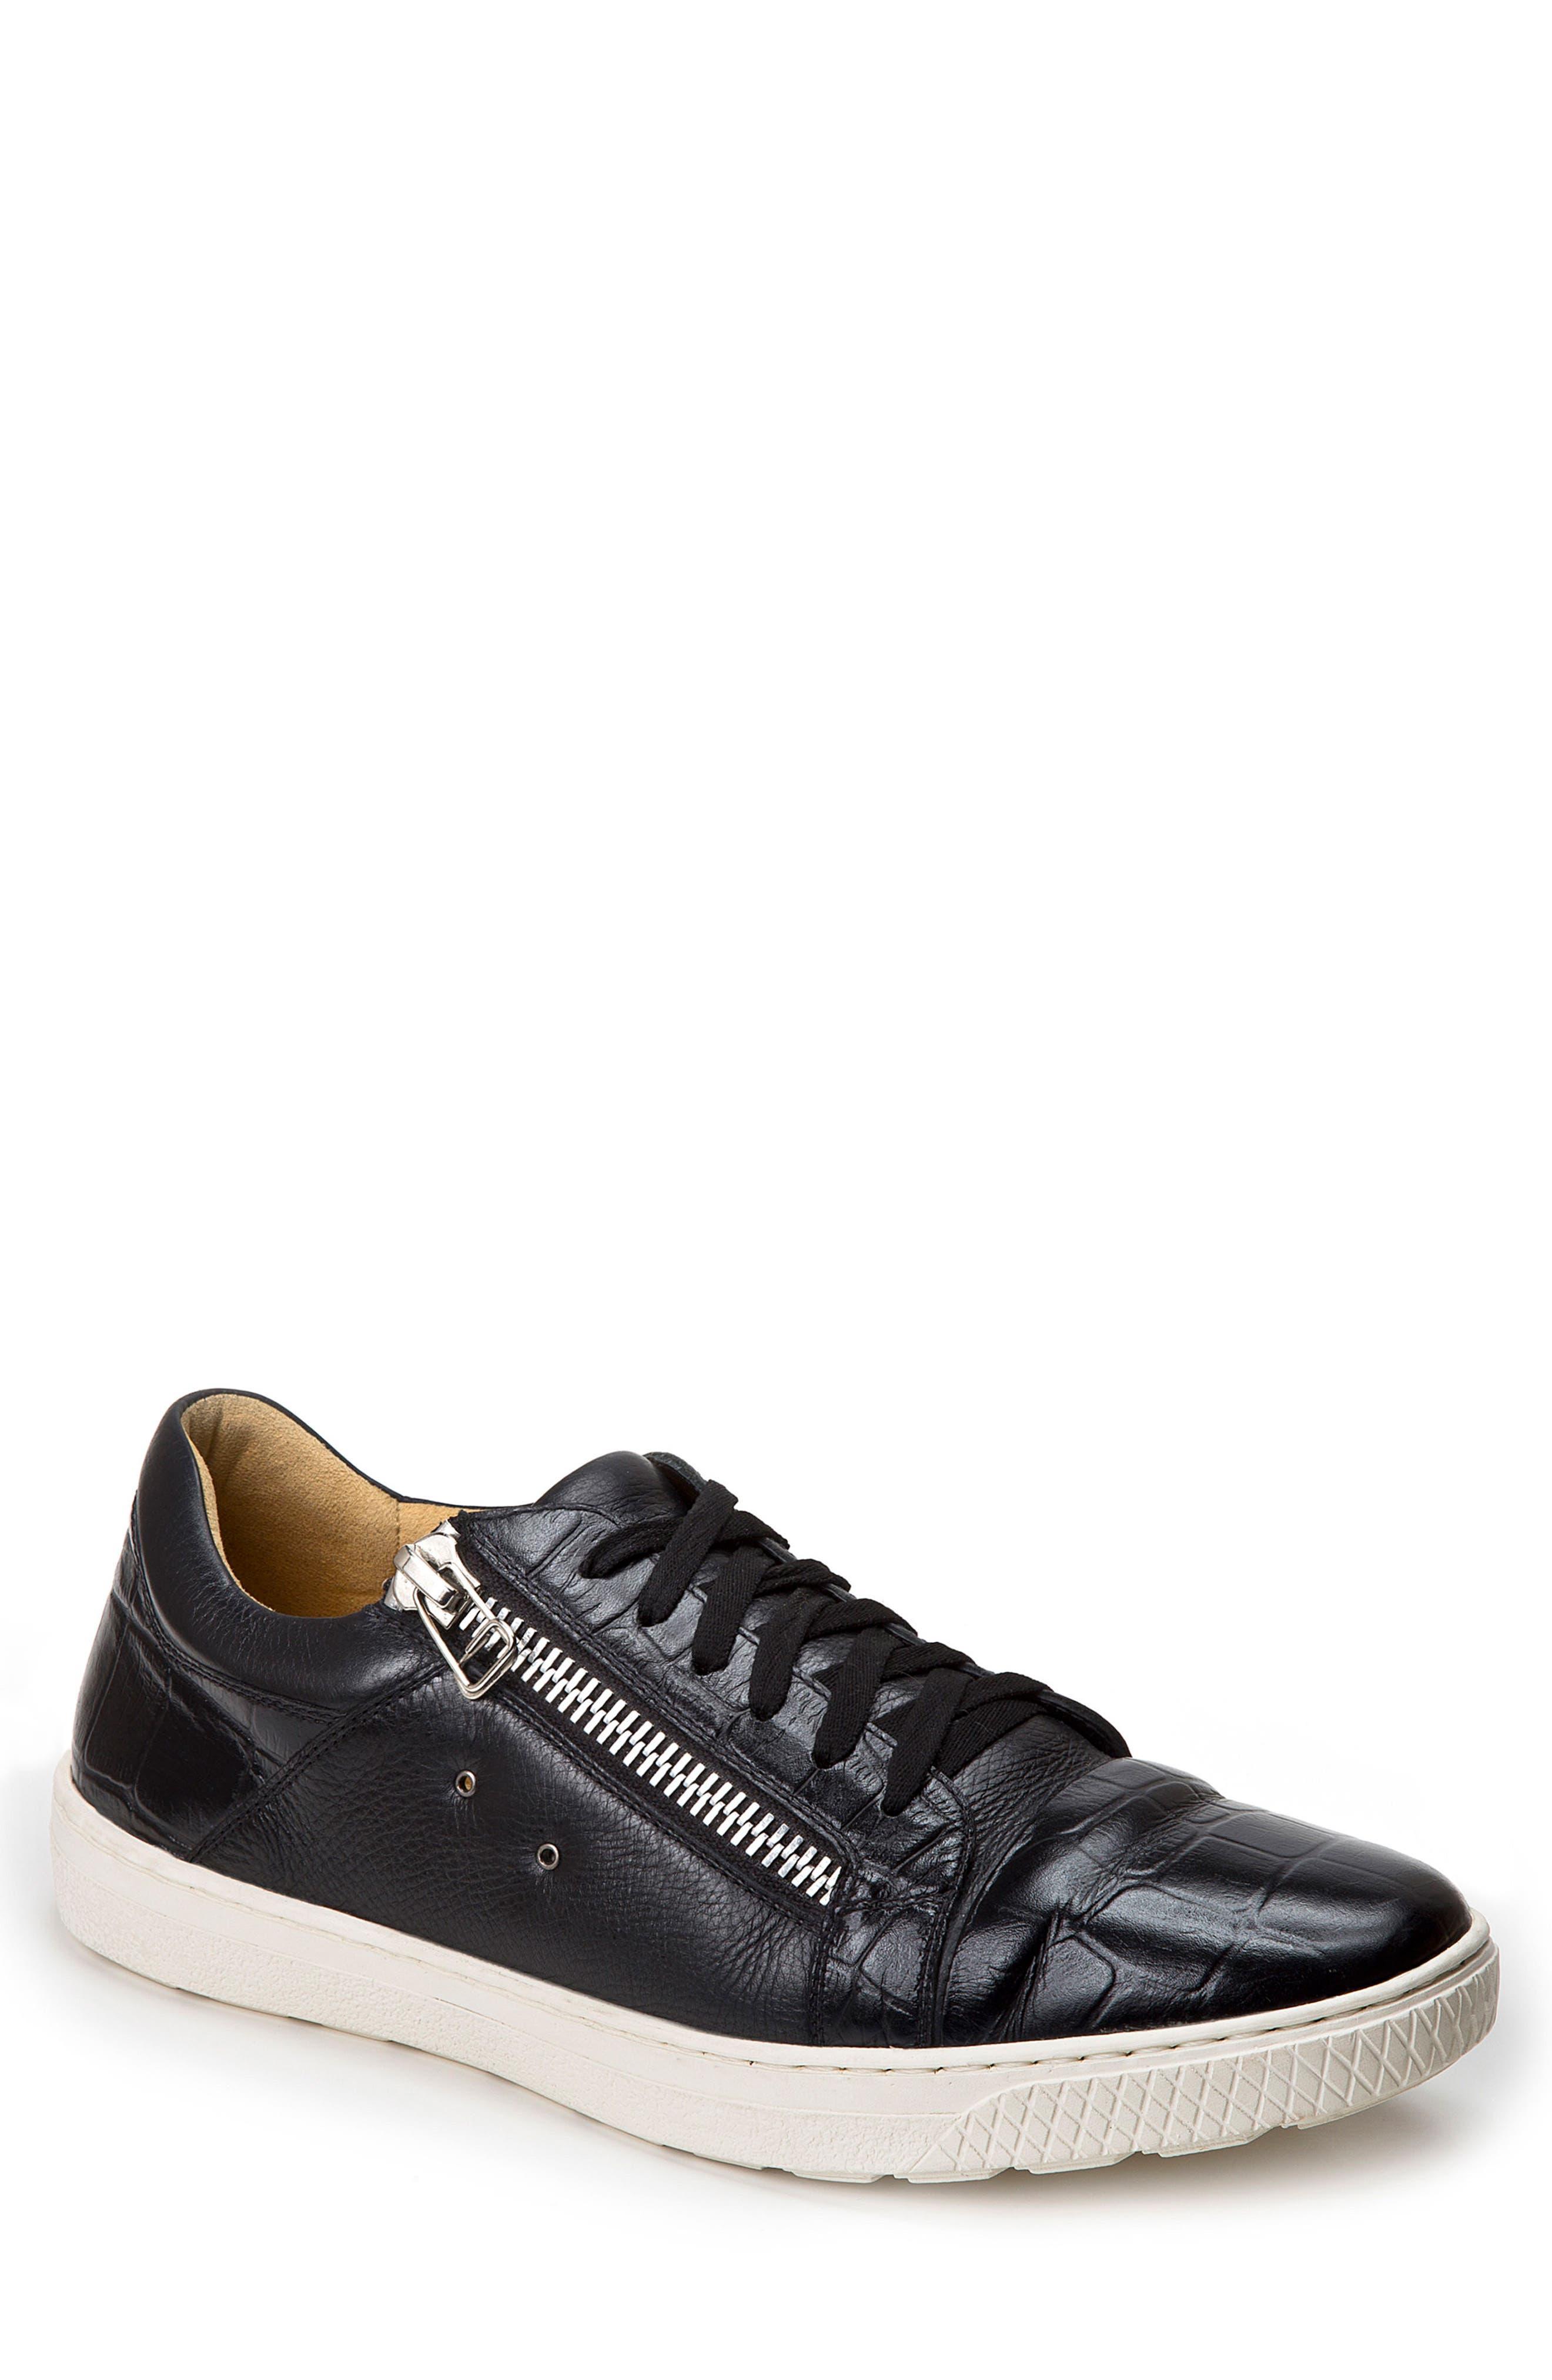 Cassius Side Zip Sneaker,                         Main,                         color, 001